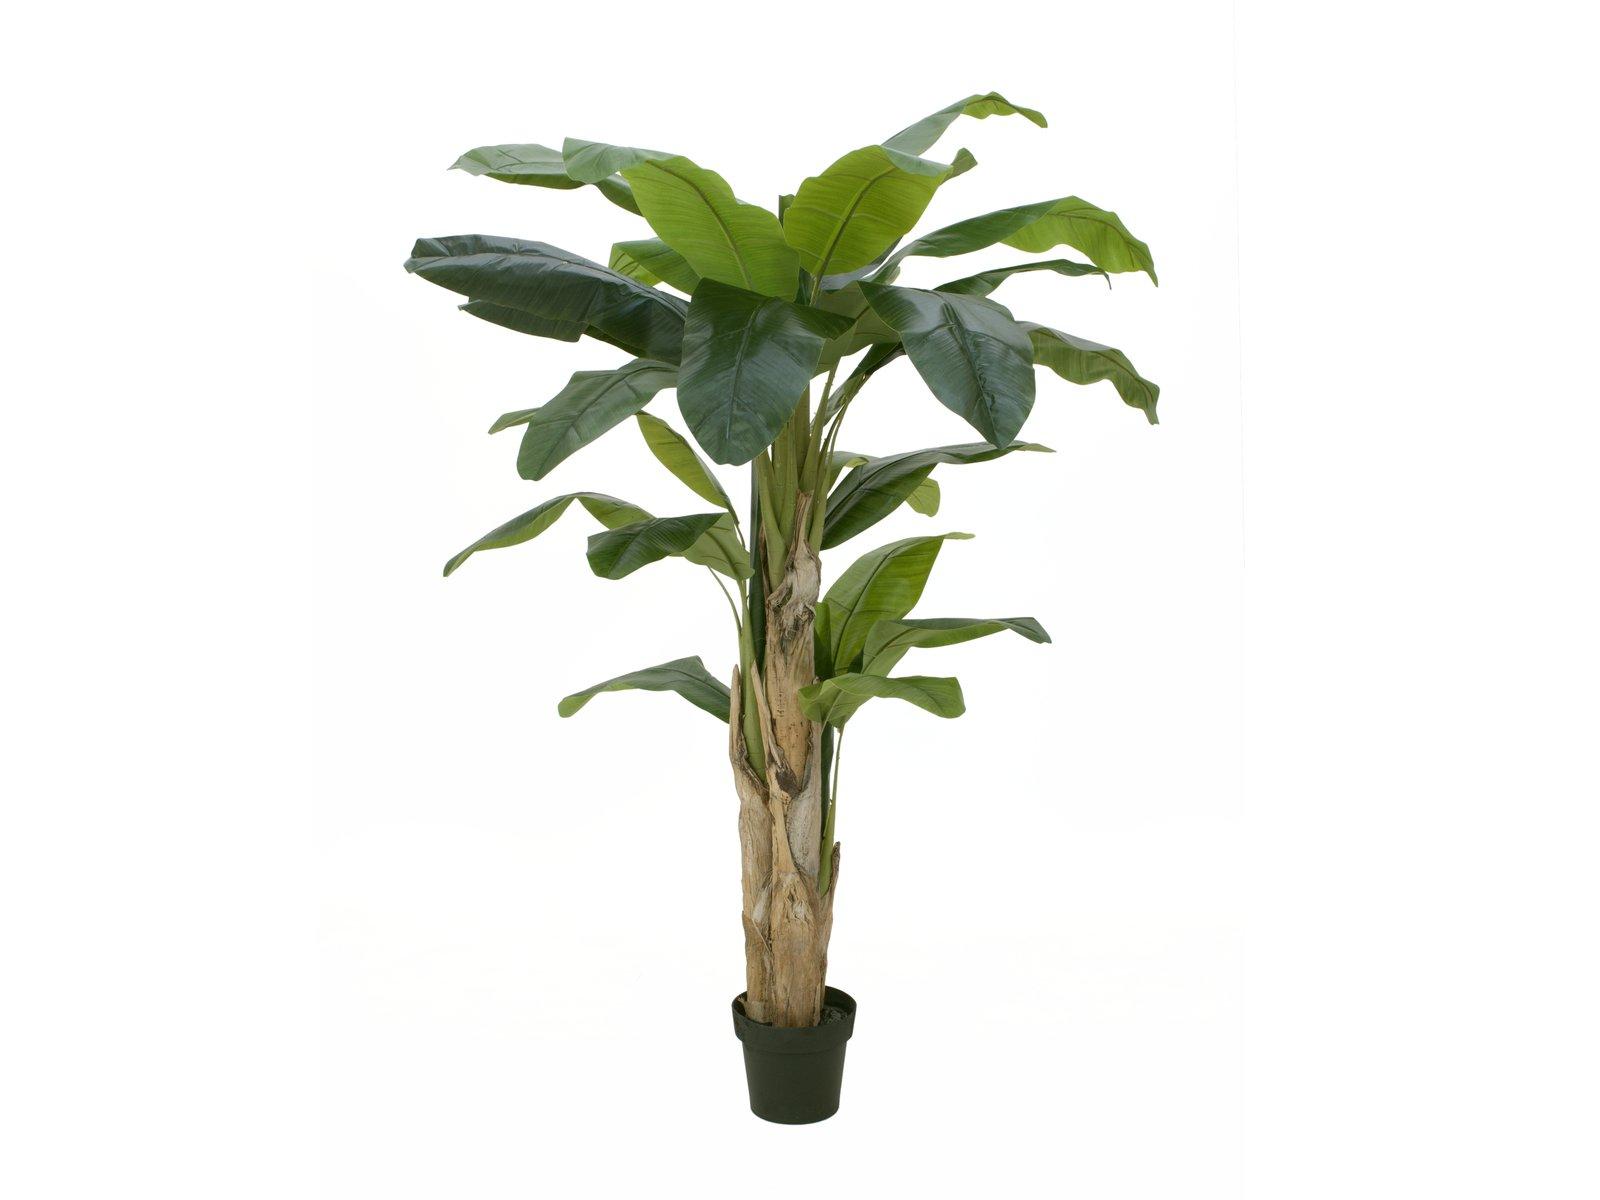 bananier-artificiel-haut-de-gamme-170cm